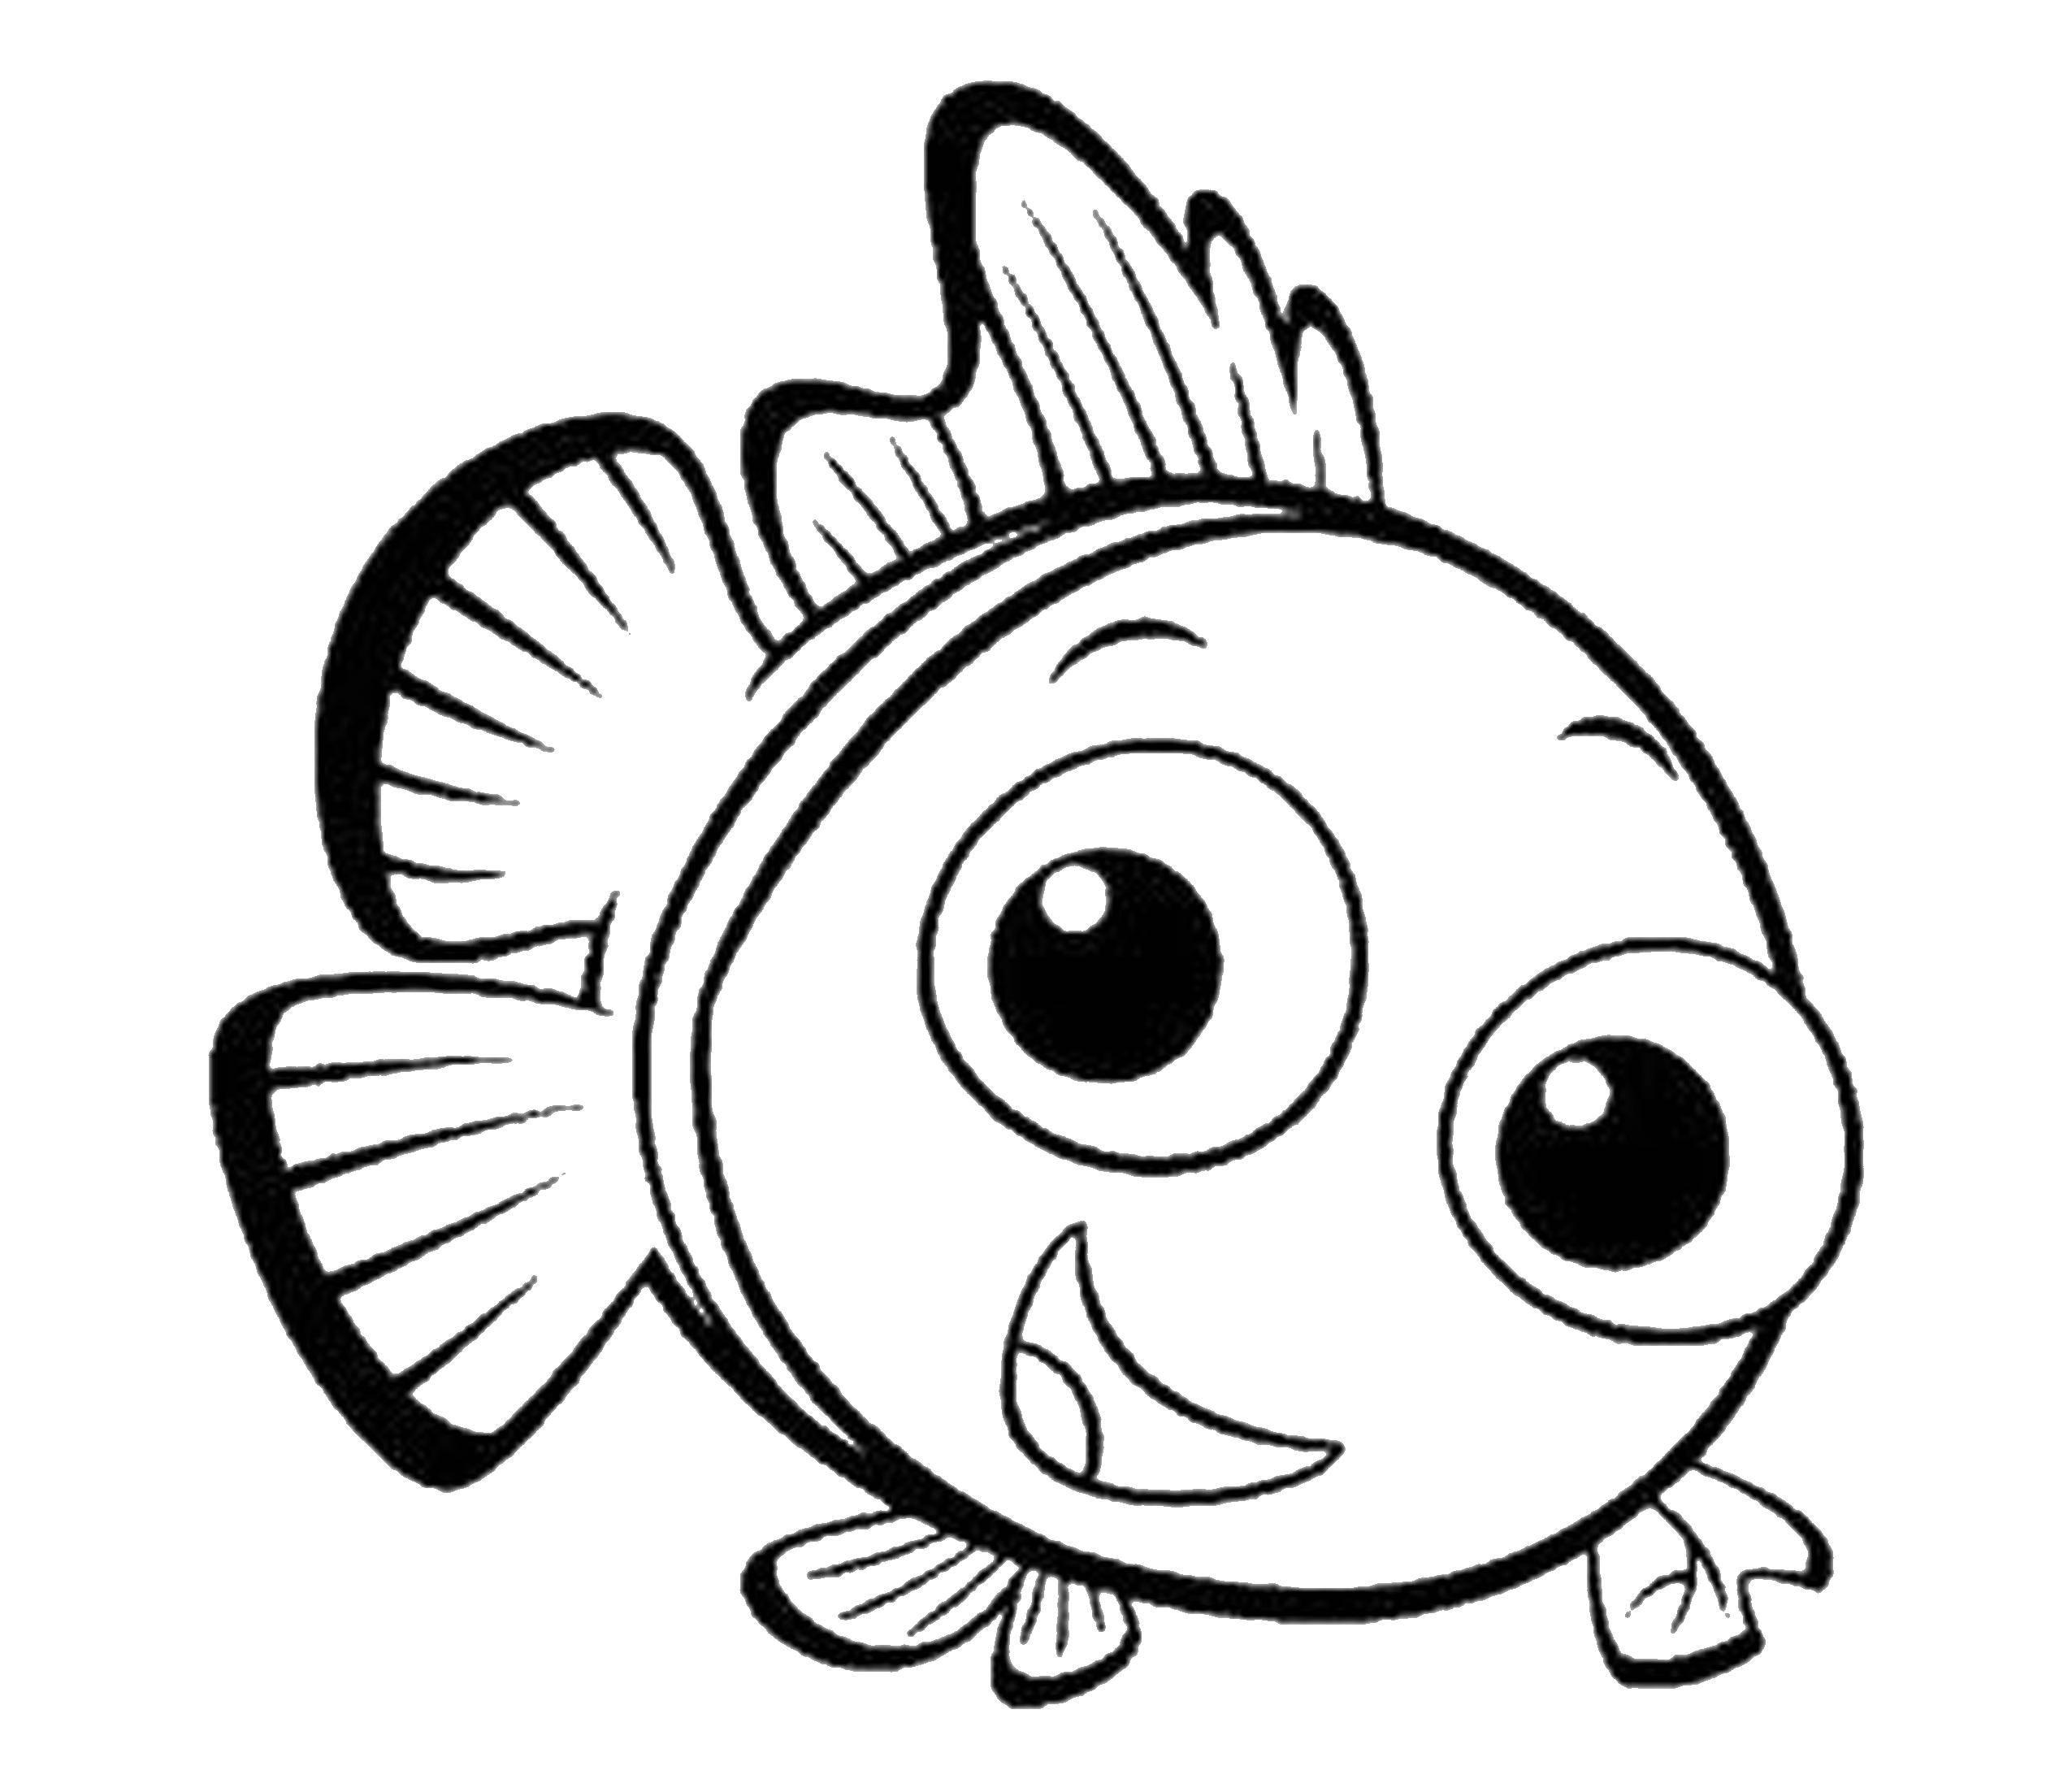 Раскраска Диснеевские раскраски Скачать Персонаж из мультфильма, Время Приключений .  Распечатать ,Персонаж из мультфильма,